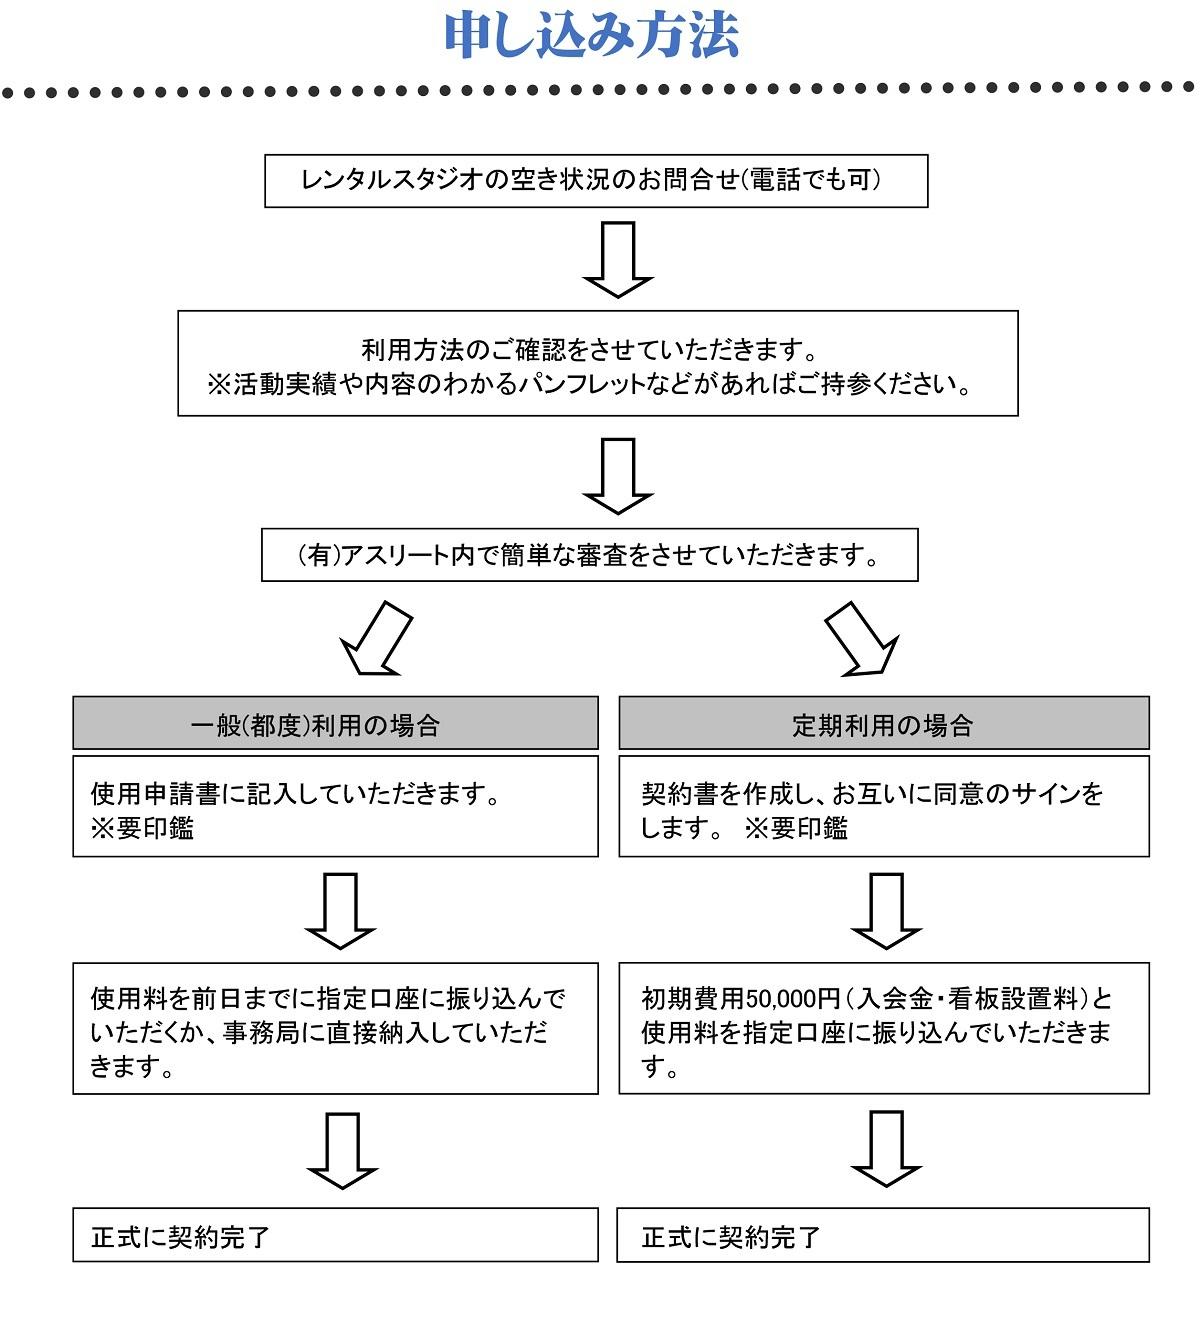 レンタルスタジオ利用冊子(申し込み方法)